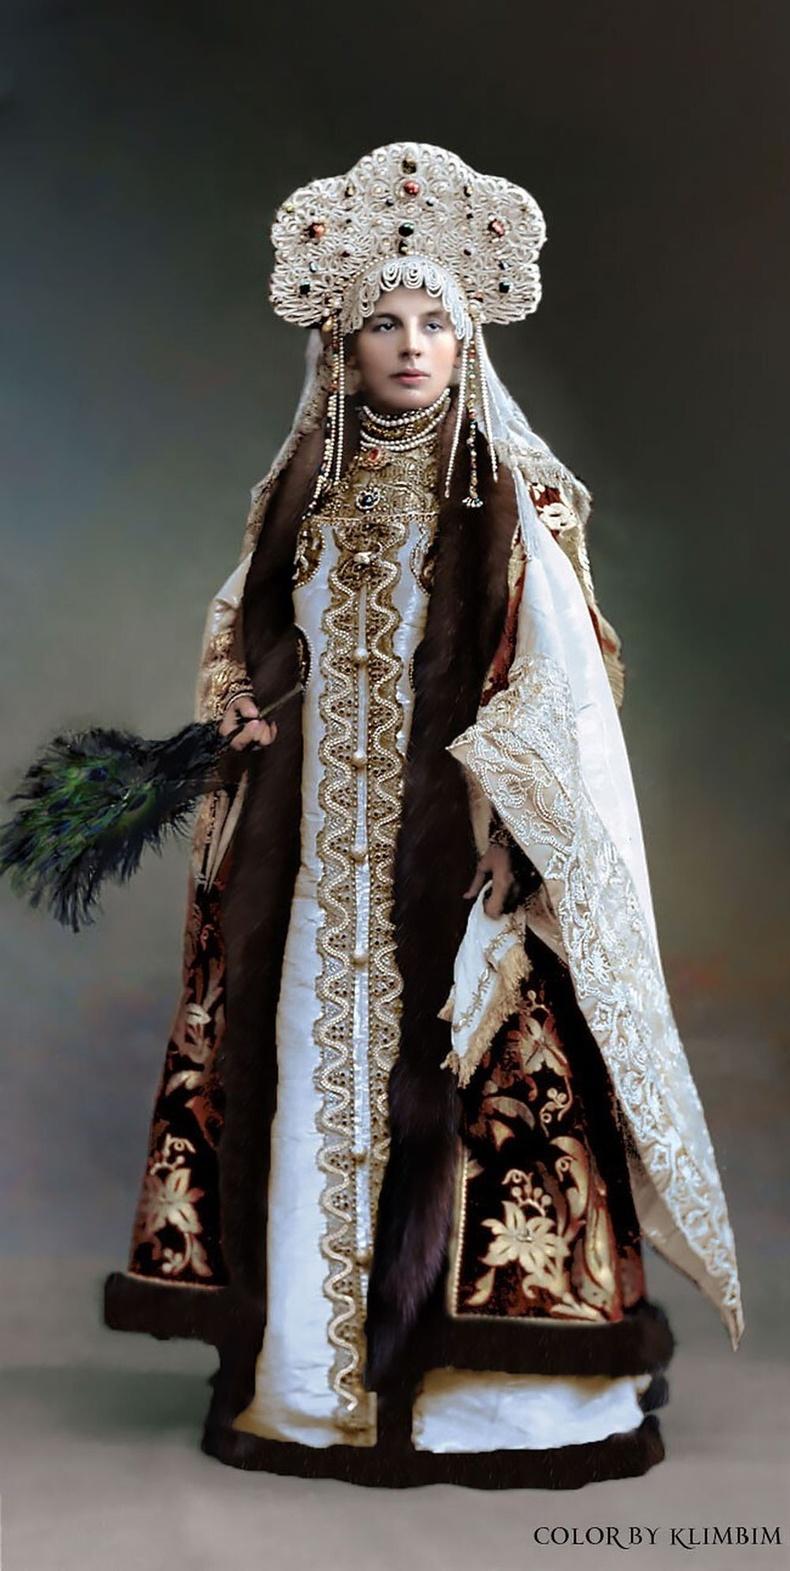 Гүнгийн авхай София Ферзен буюу Долгорукова гүнж